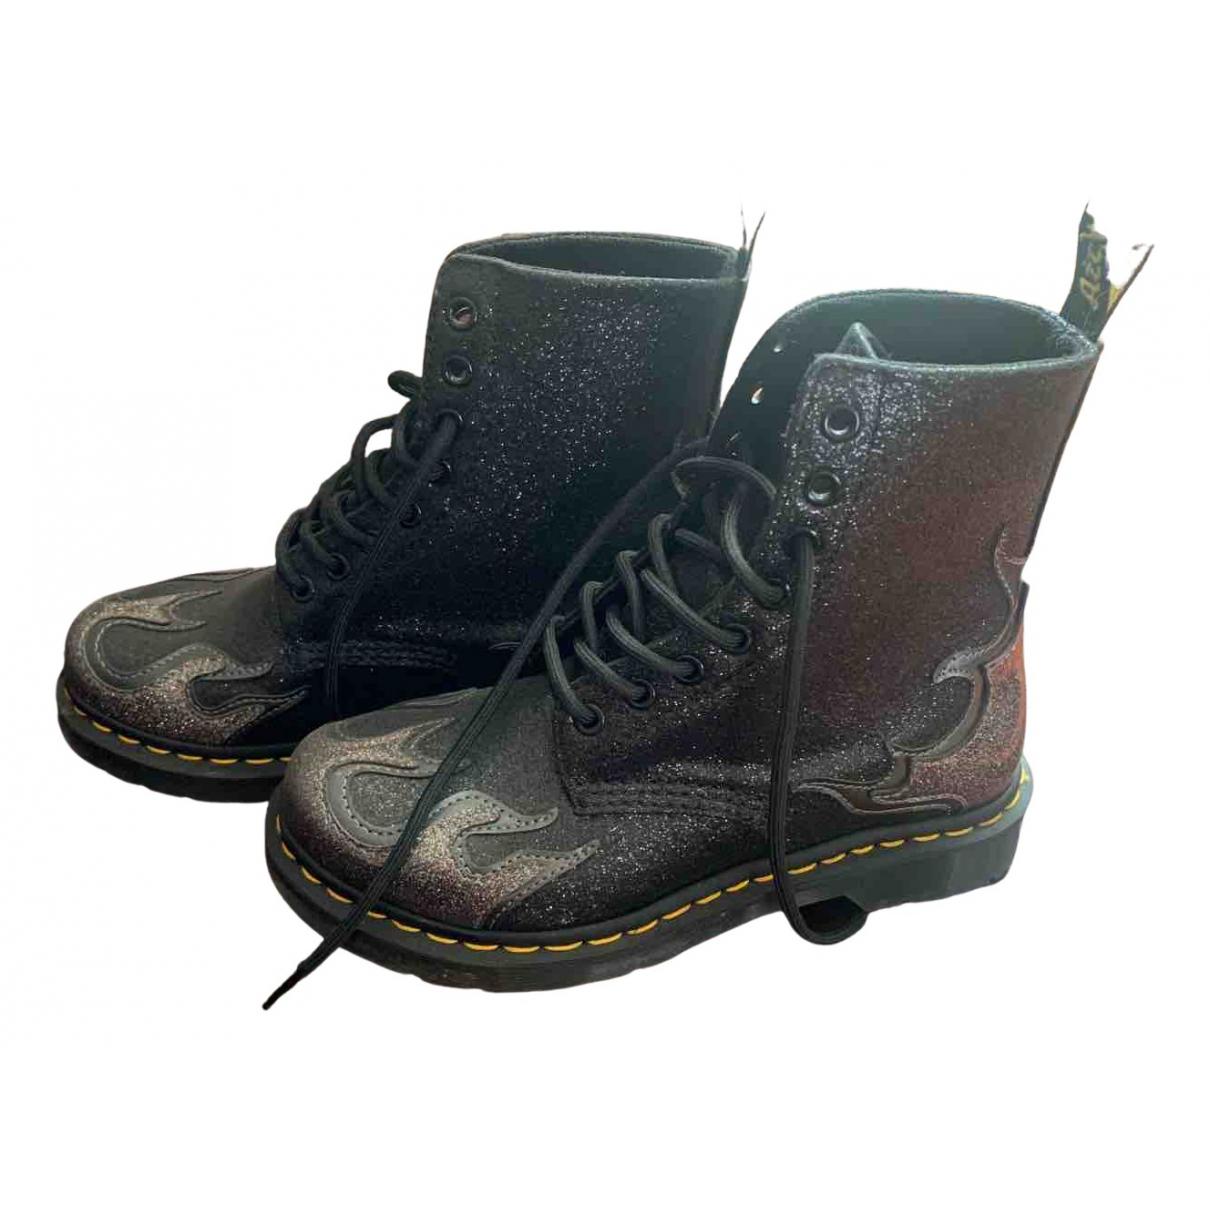 Dr. Martens 1460 Pascal (8 eye) Black Glitter Boots for Women 37 EU